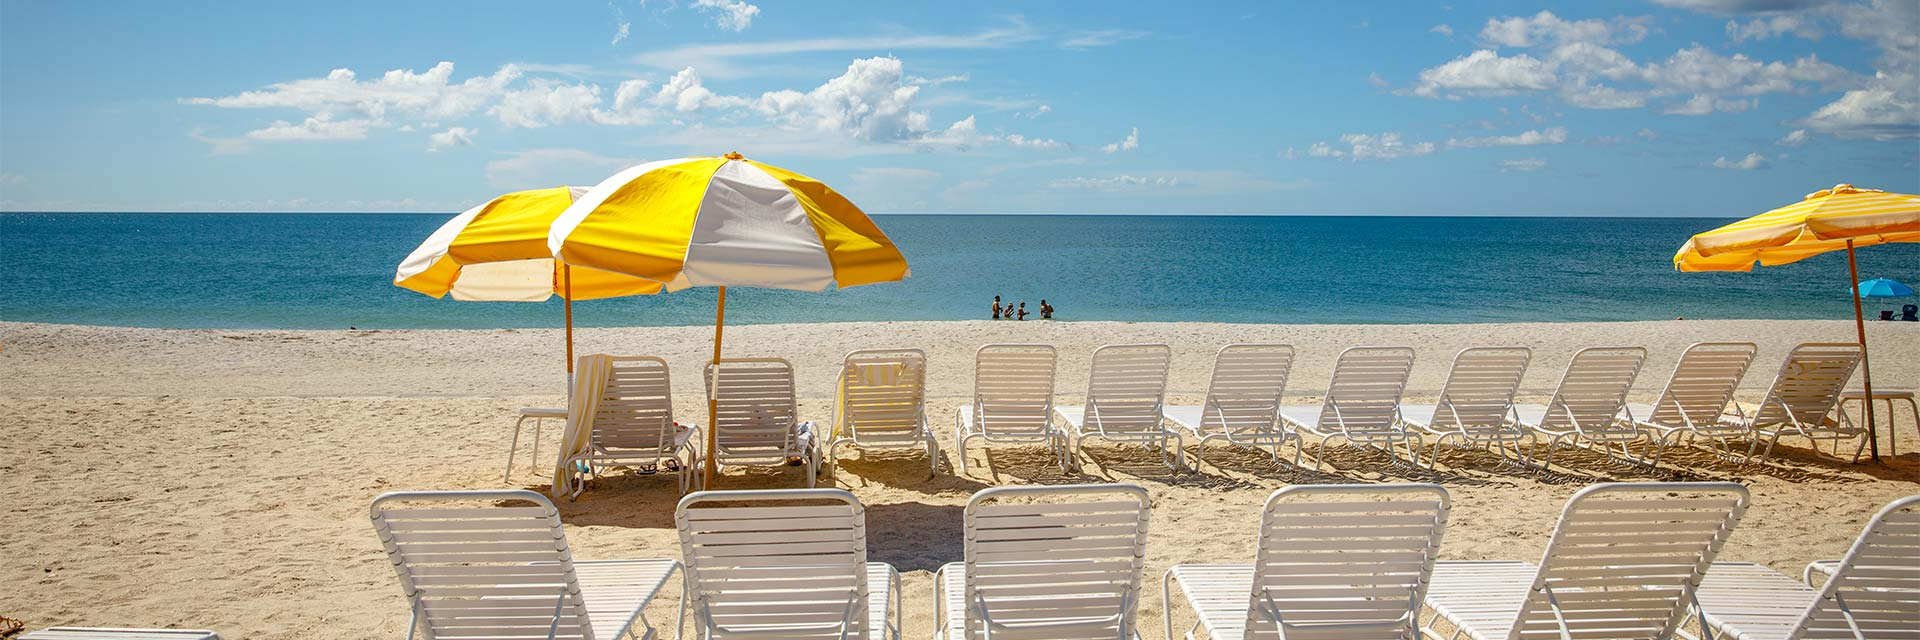 beach with yellow umbrellas and chairs at Gasparilla Inn Beach Club